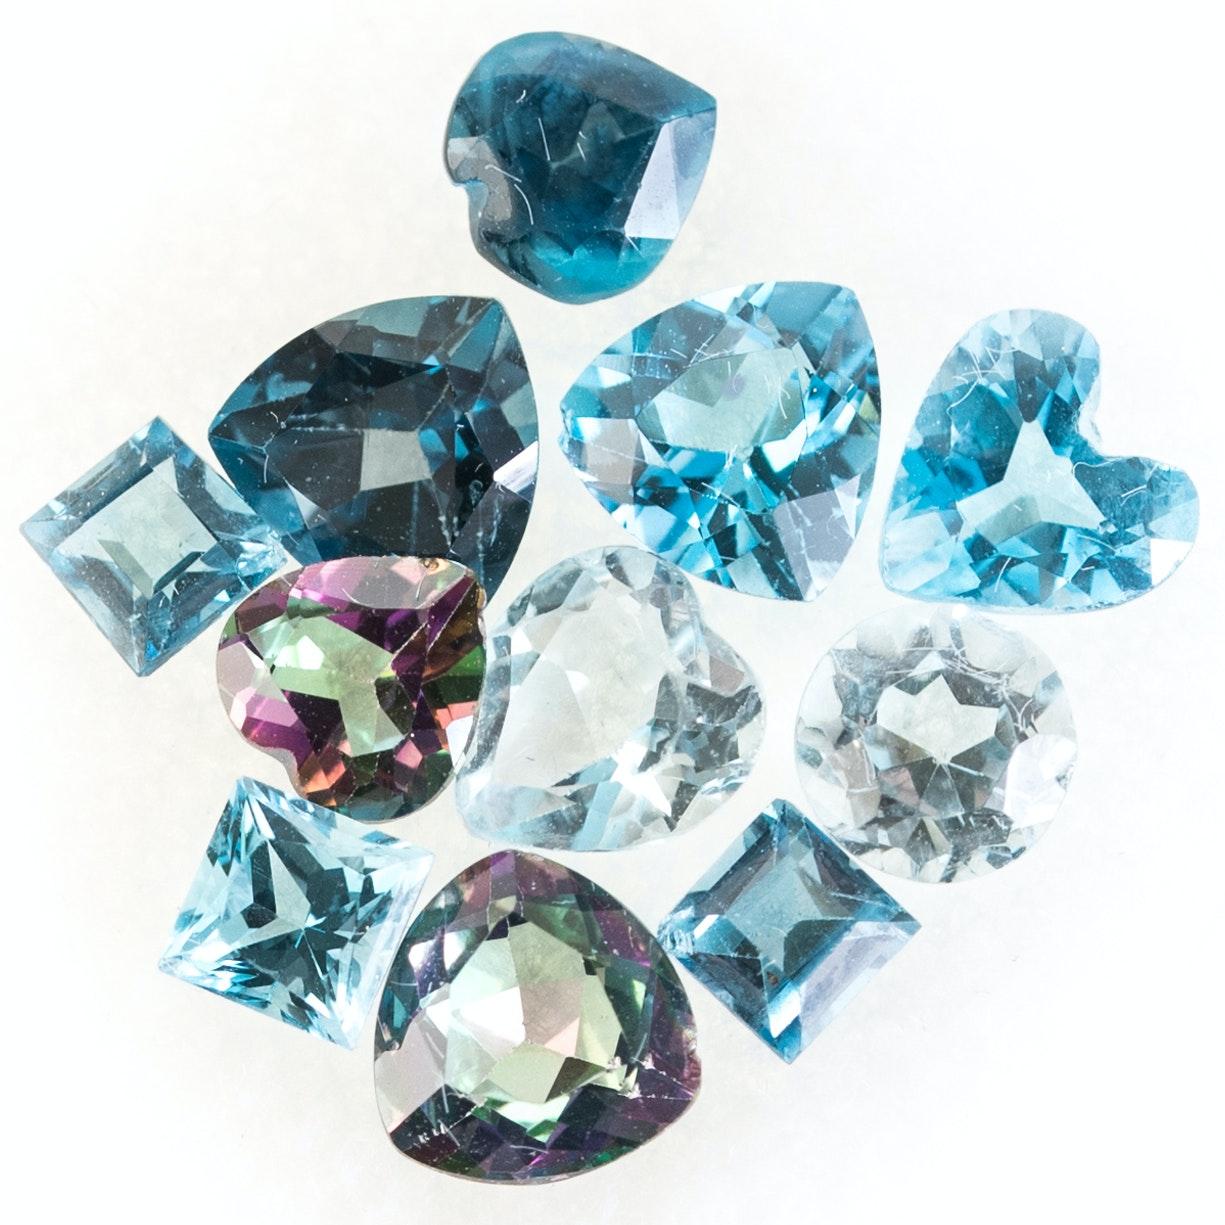 Loose 6.96 CTW Topaz Gemstones